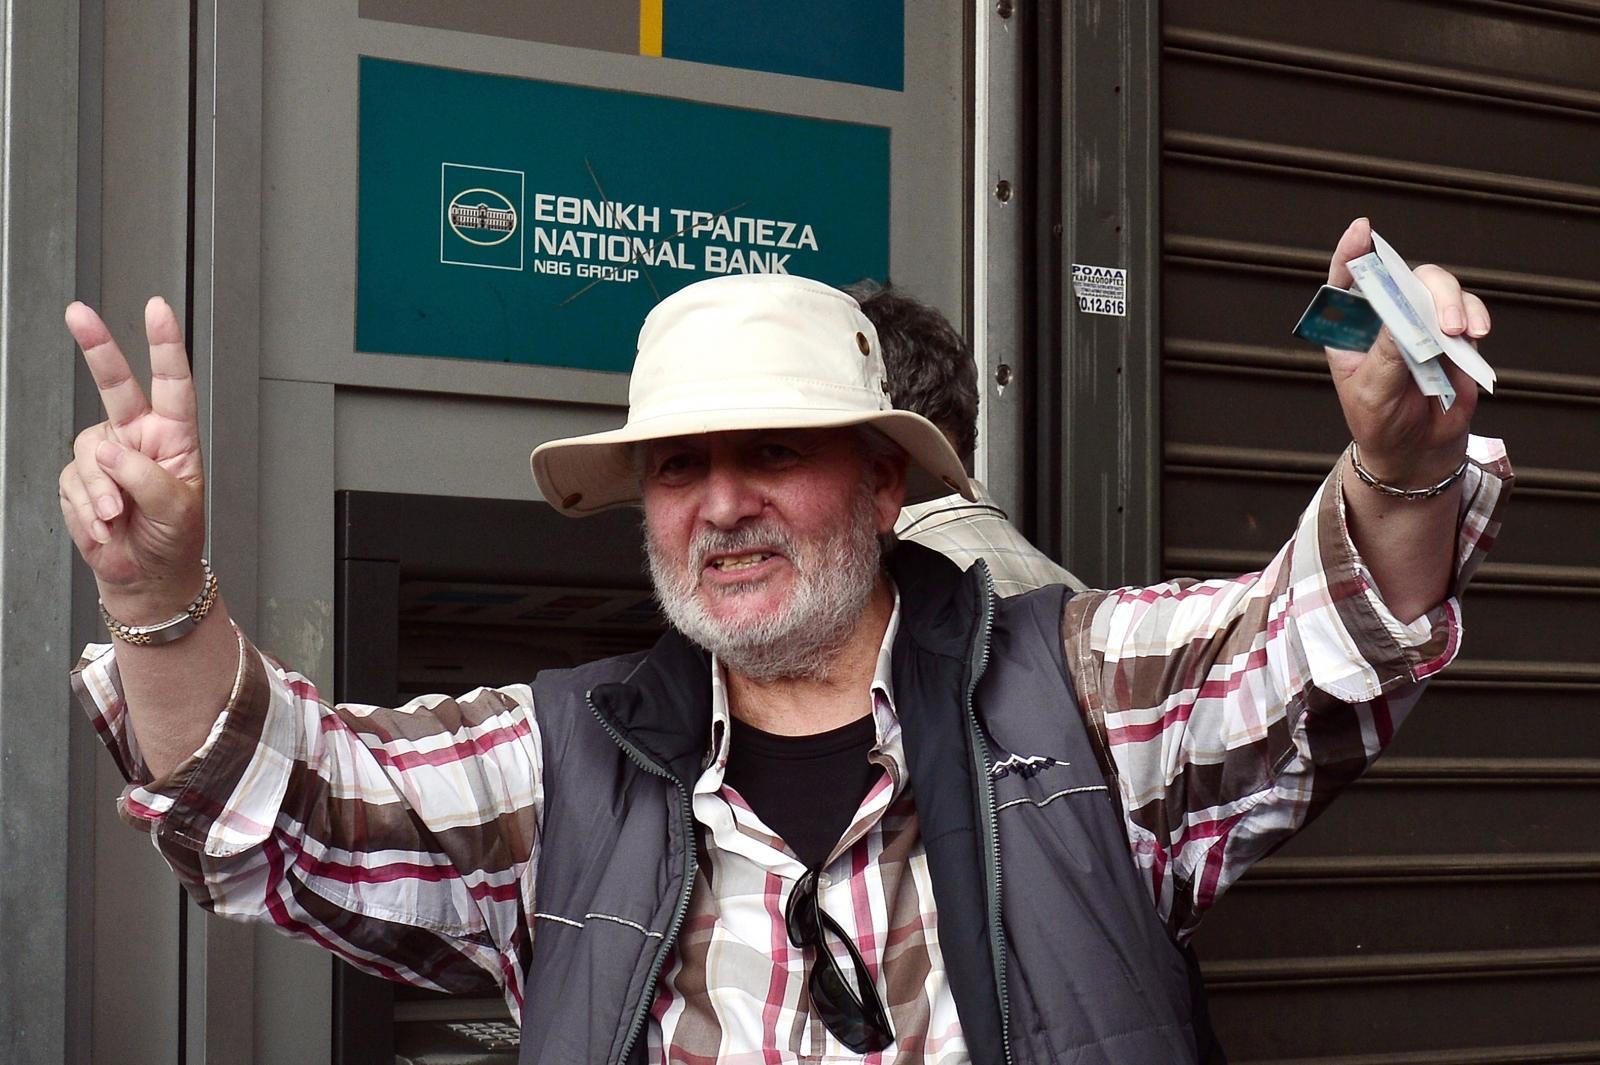 Greece crisis ATM